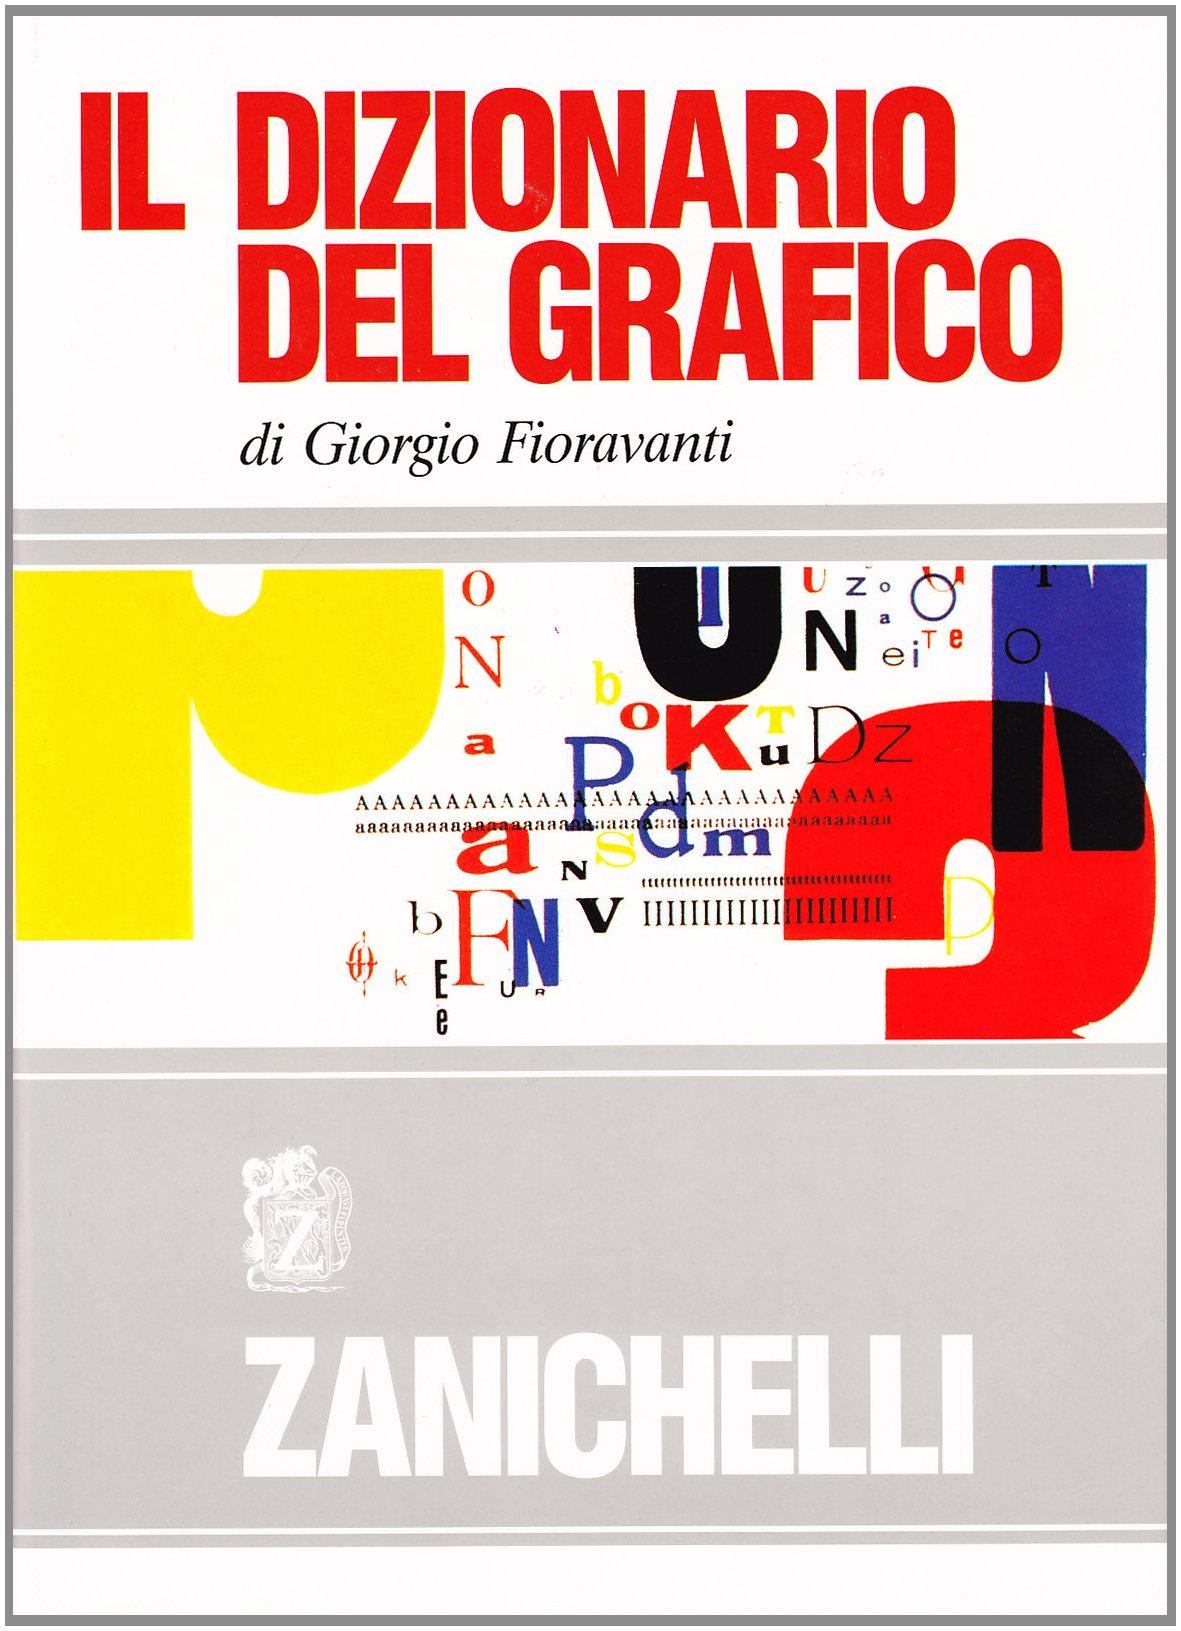 Il dizionario del grafico Copertina flessibile – 31 gen 1993 Giorgio Fioravanti Zanichelli 8808141160 1003-WS1501-A01010-8808141160